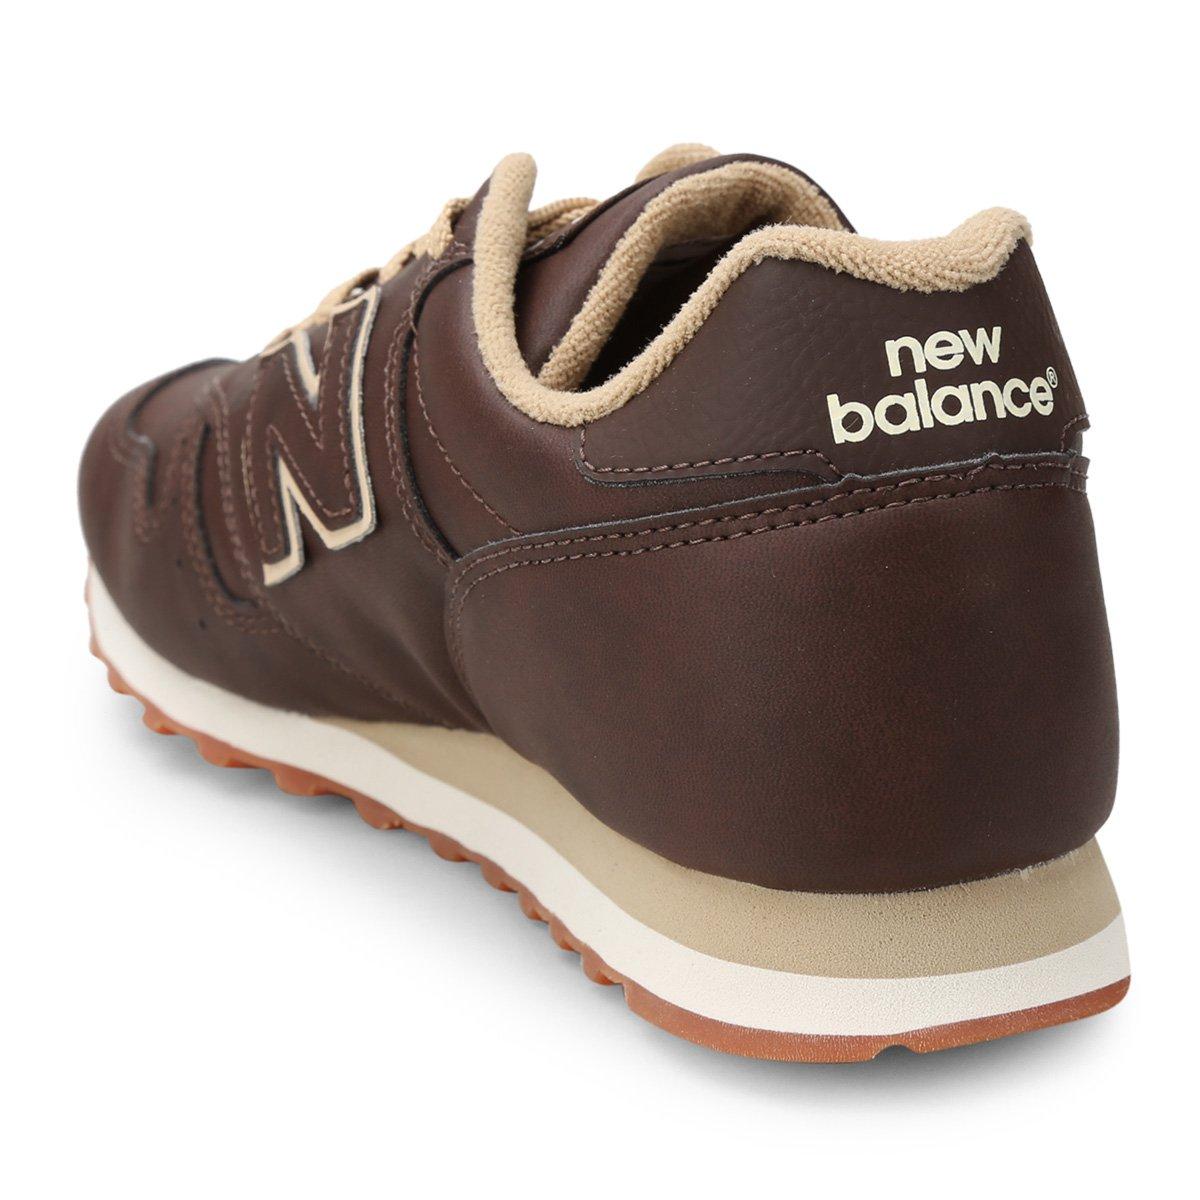 new balance 373 marrom escuro